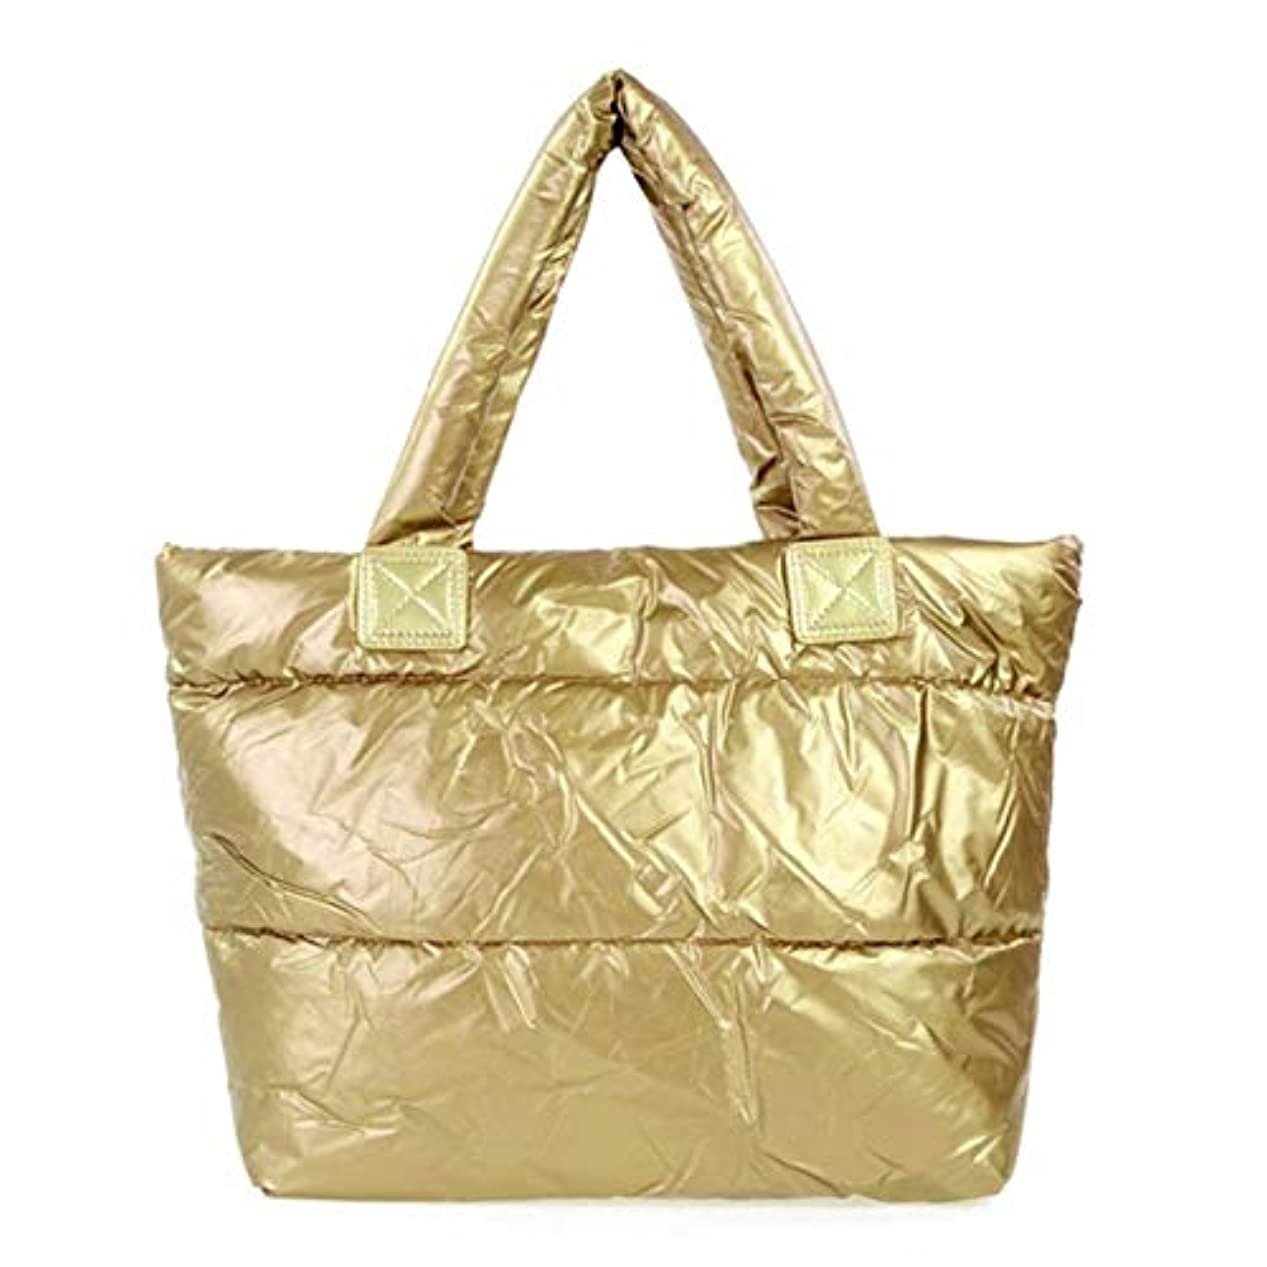 カートン影響メロドラマティックレディースバッグスペースバッグスポンジショルダーハンドバッグポータブルレディコットンパッド入りバッグ冬大容量トートバッグハンドバッグ-ゴールド